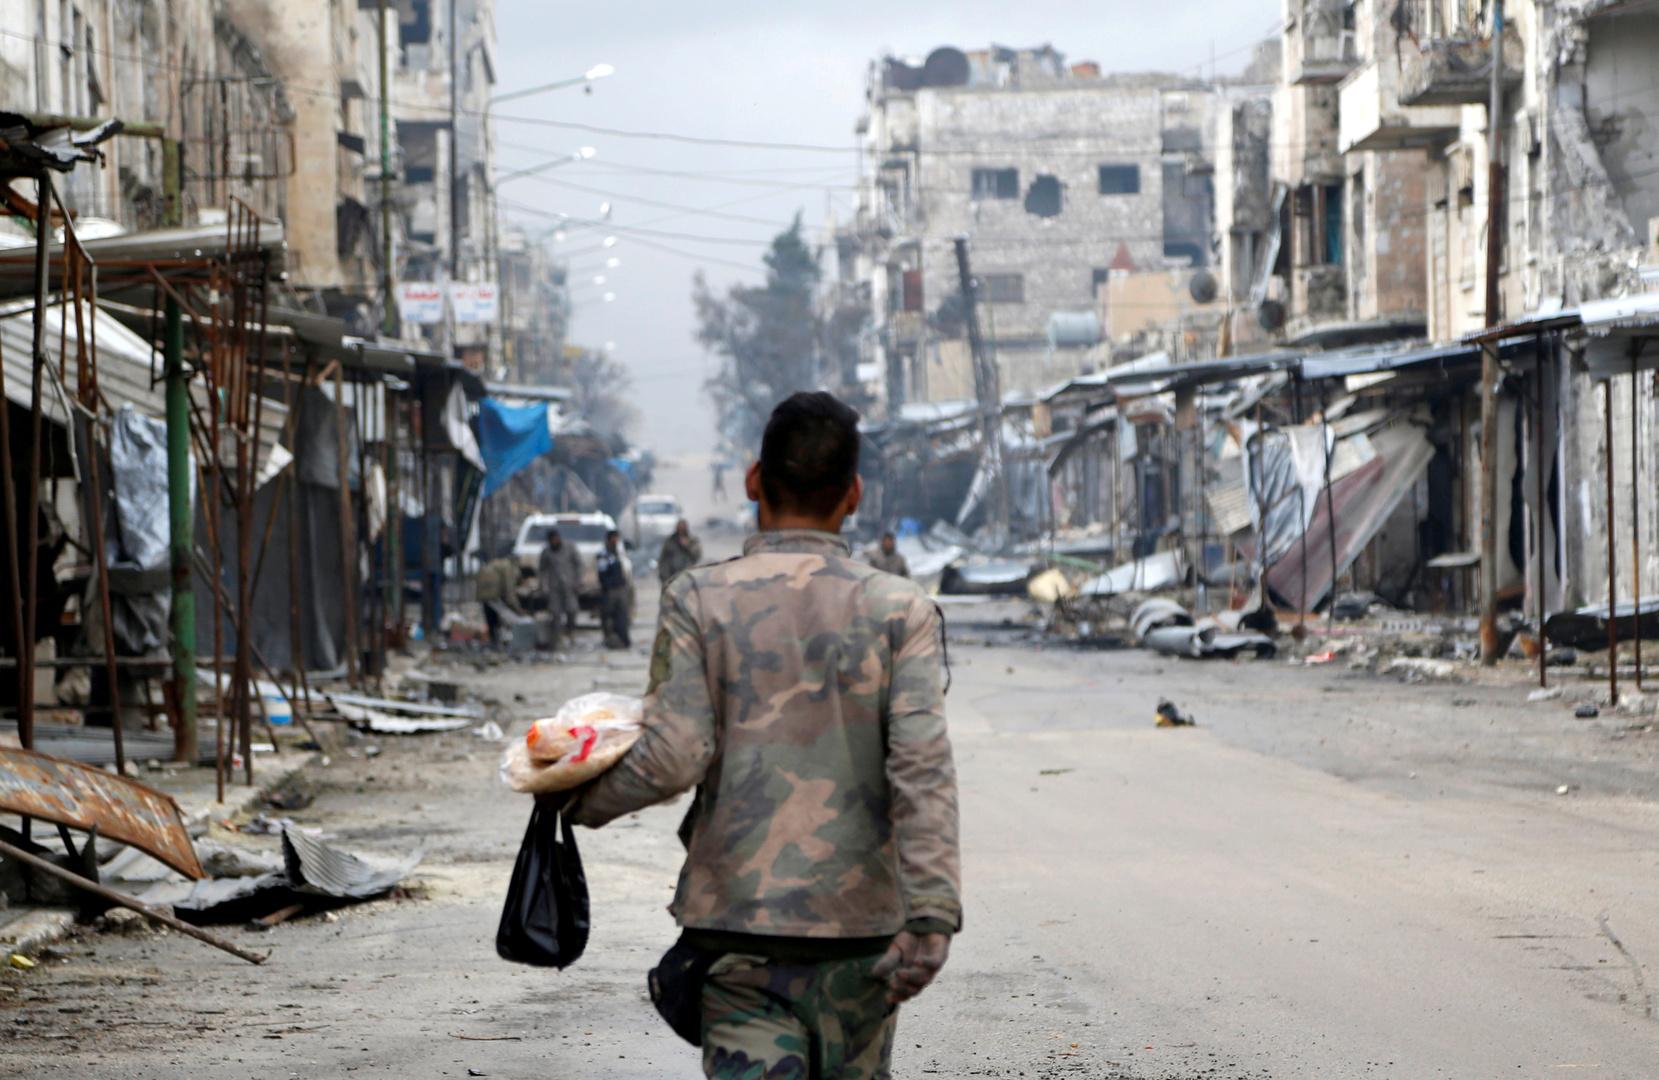 جرحى في تفجير دراجة نارية مفخخة في ريف حلب